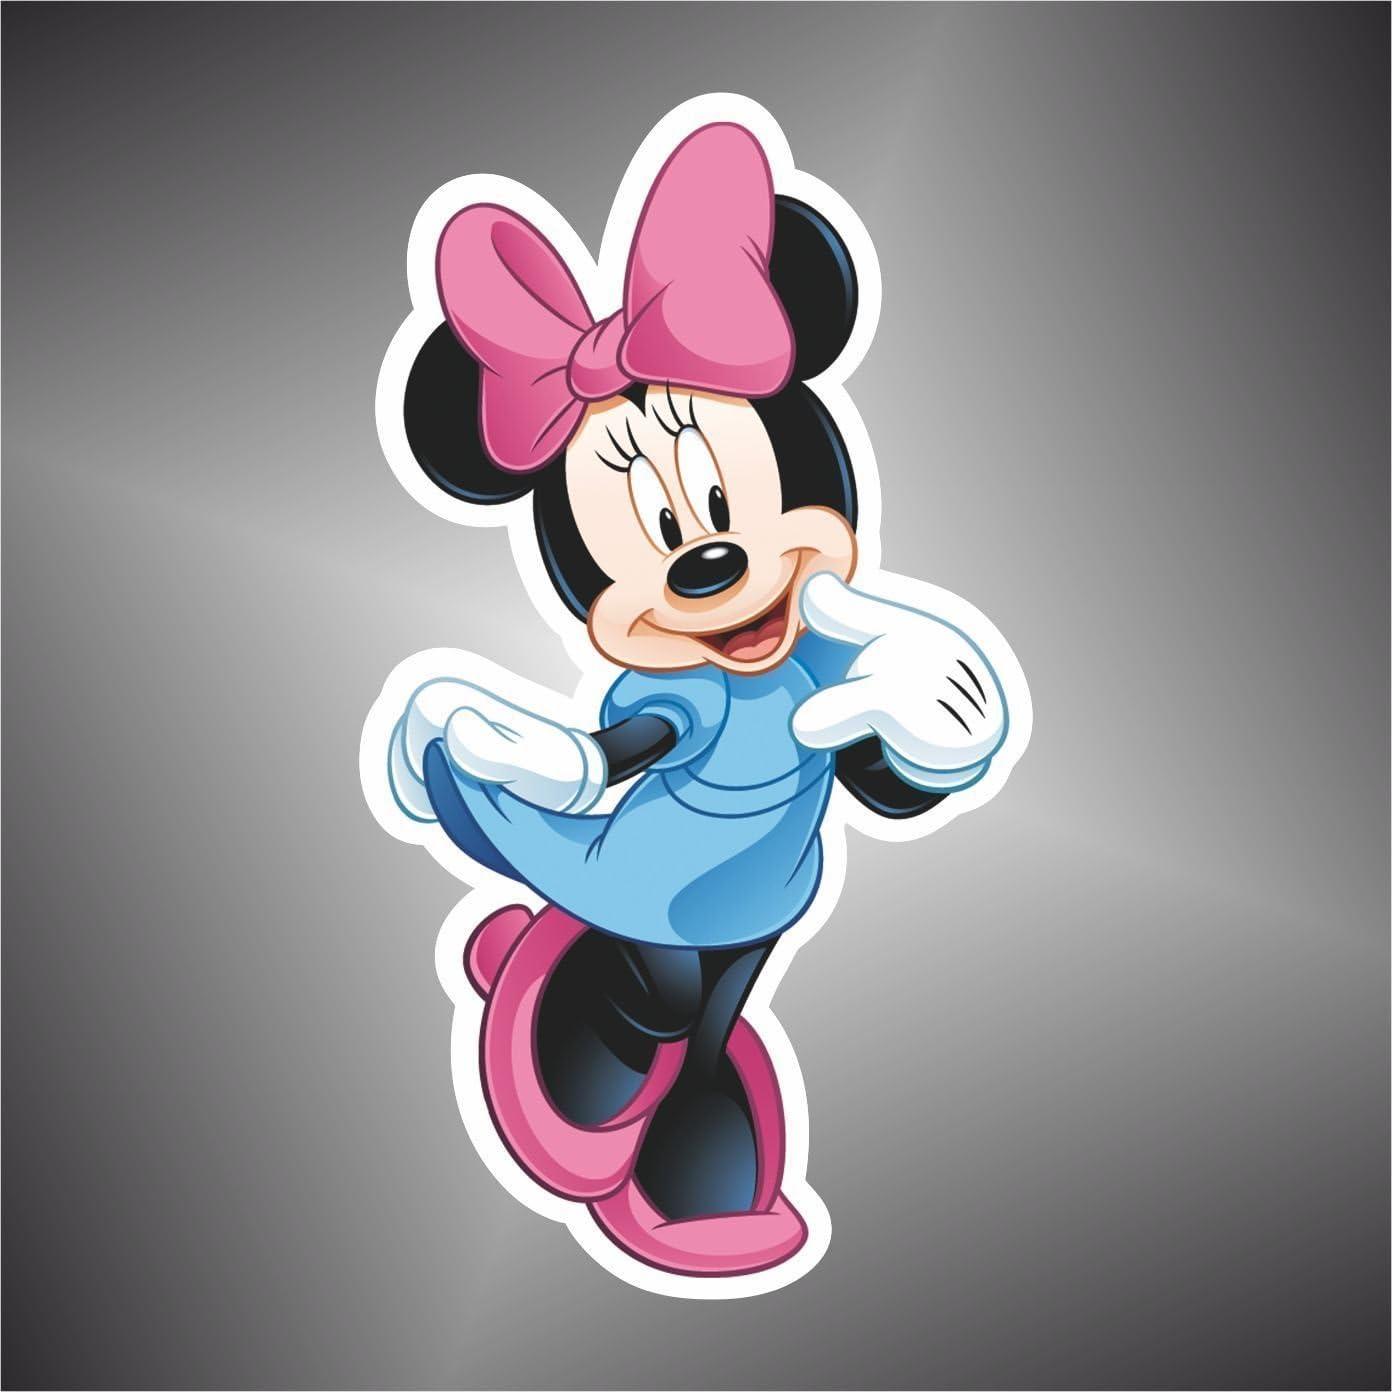 Adesivo Topolino Minnie cartoon cartoni animati sticker